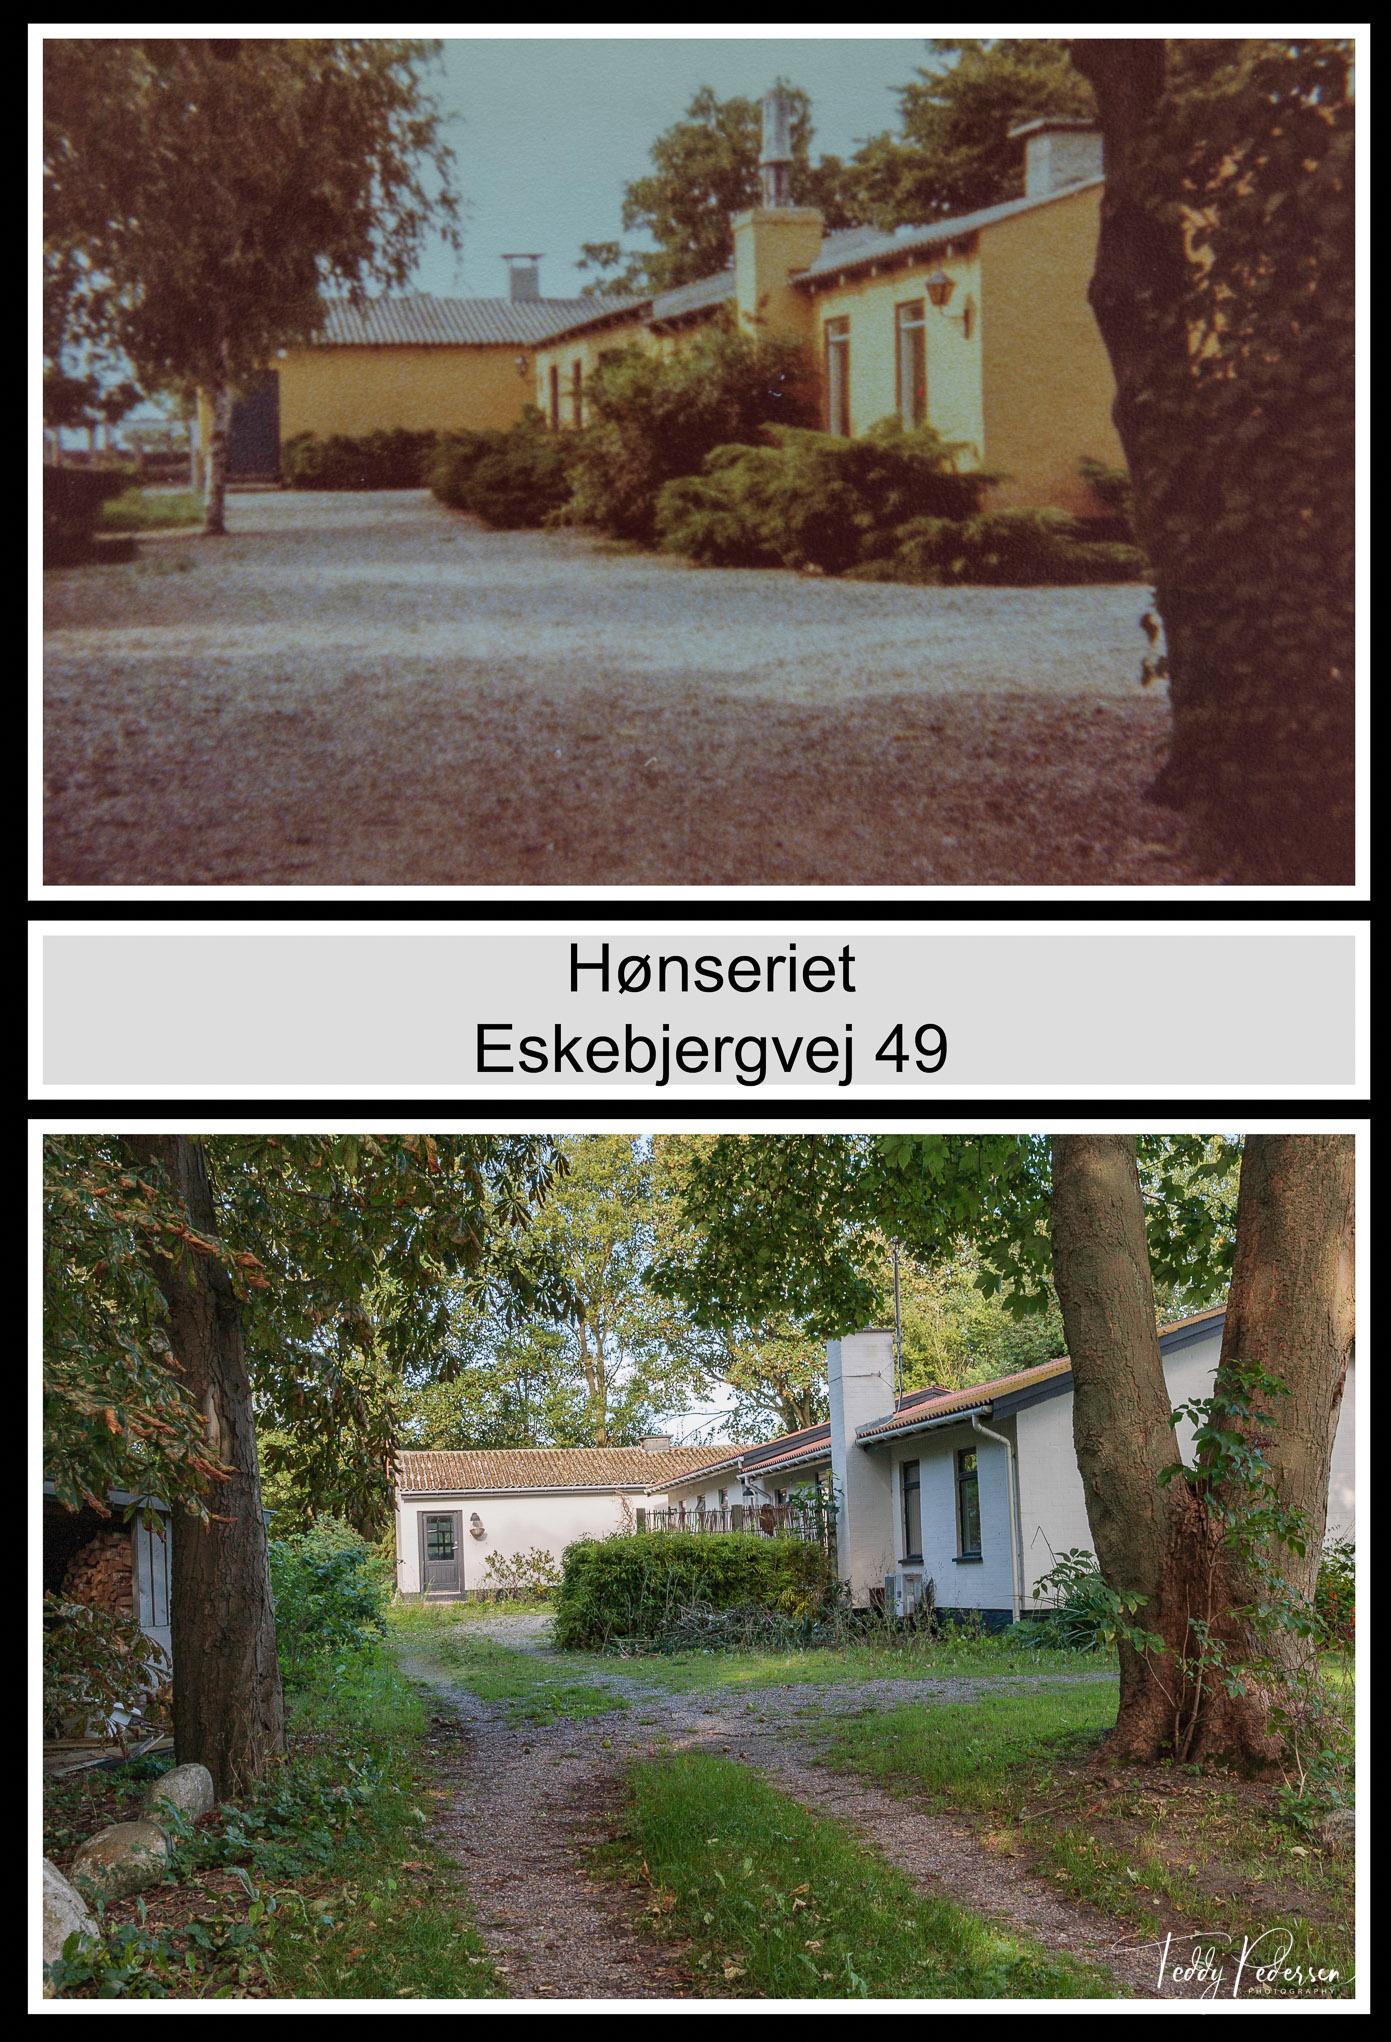 009-017-Hønseriet-Eskebjergvej_HighRes_LowRes